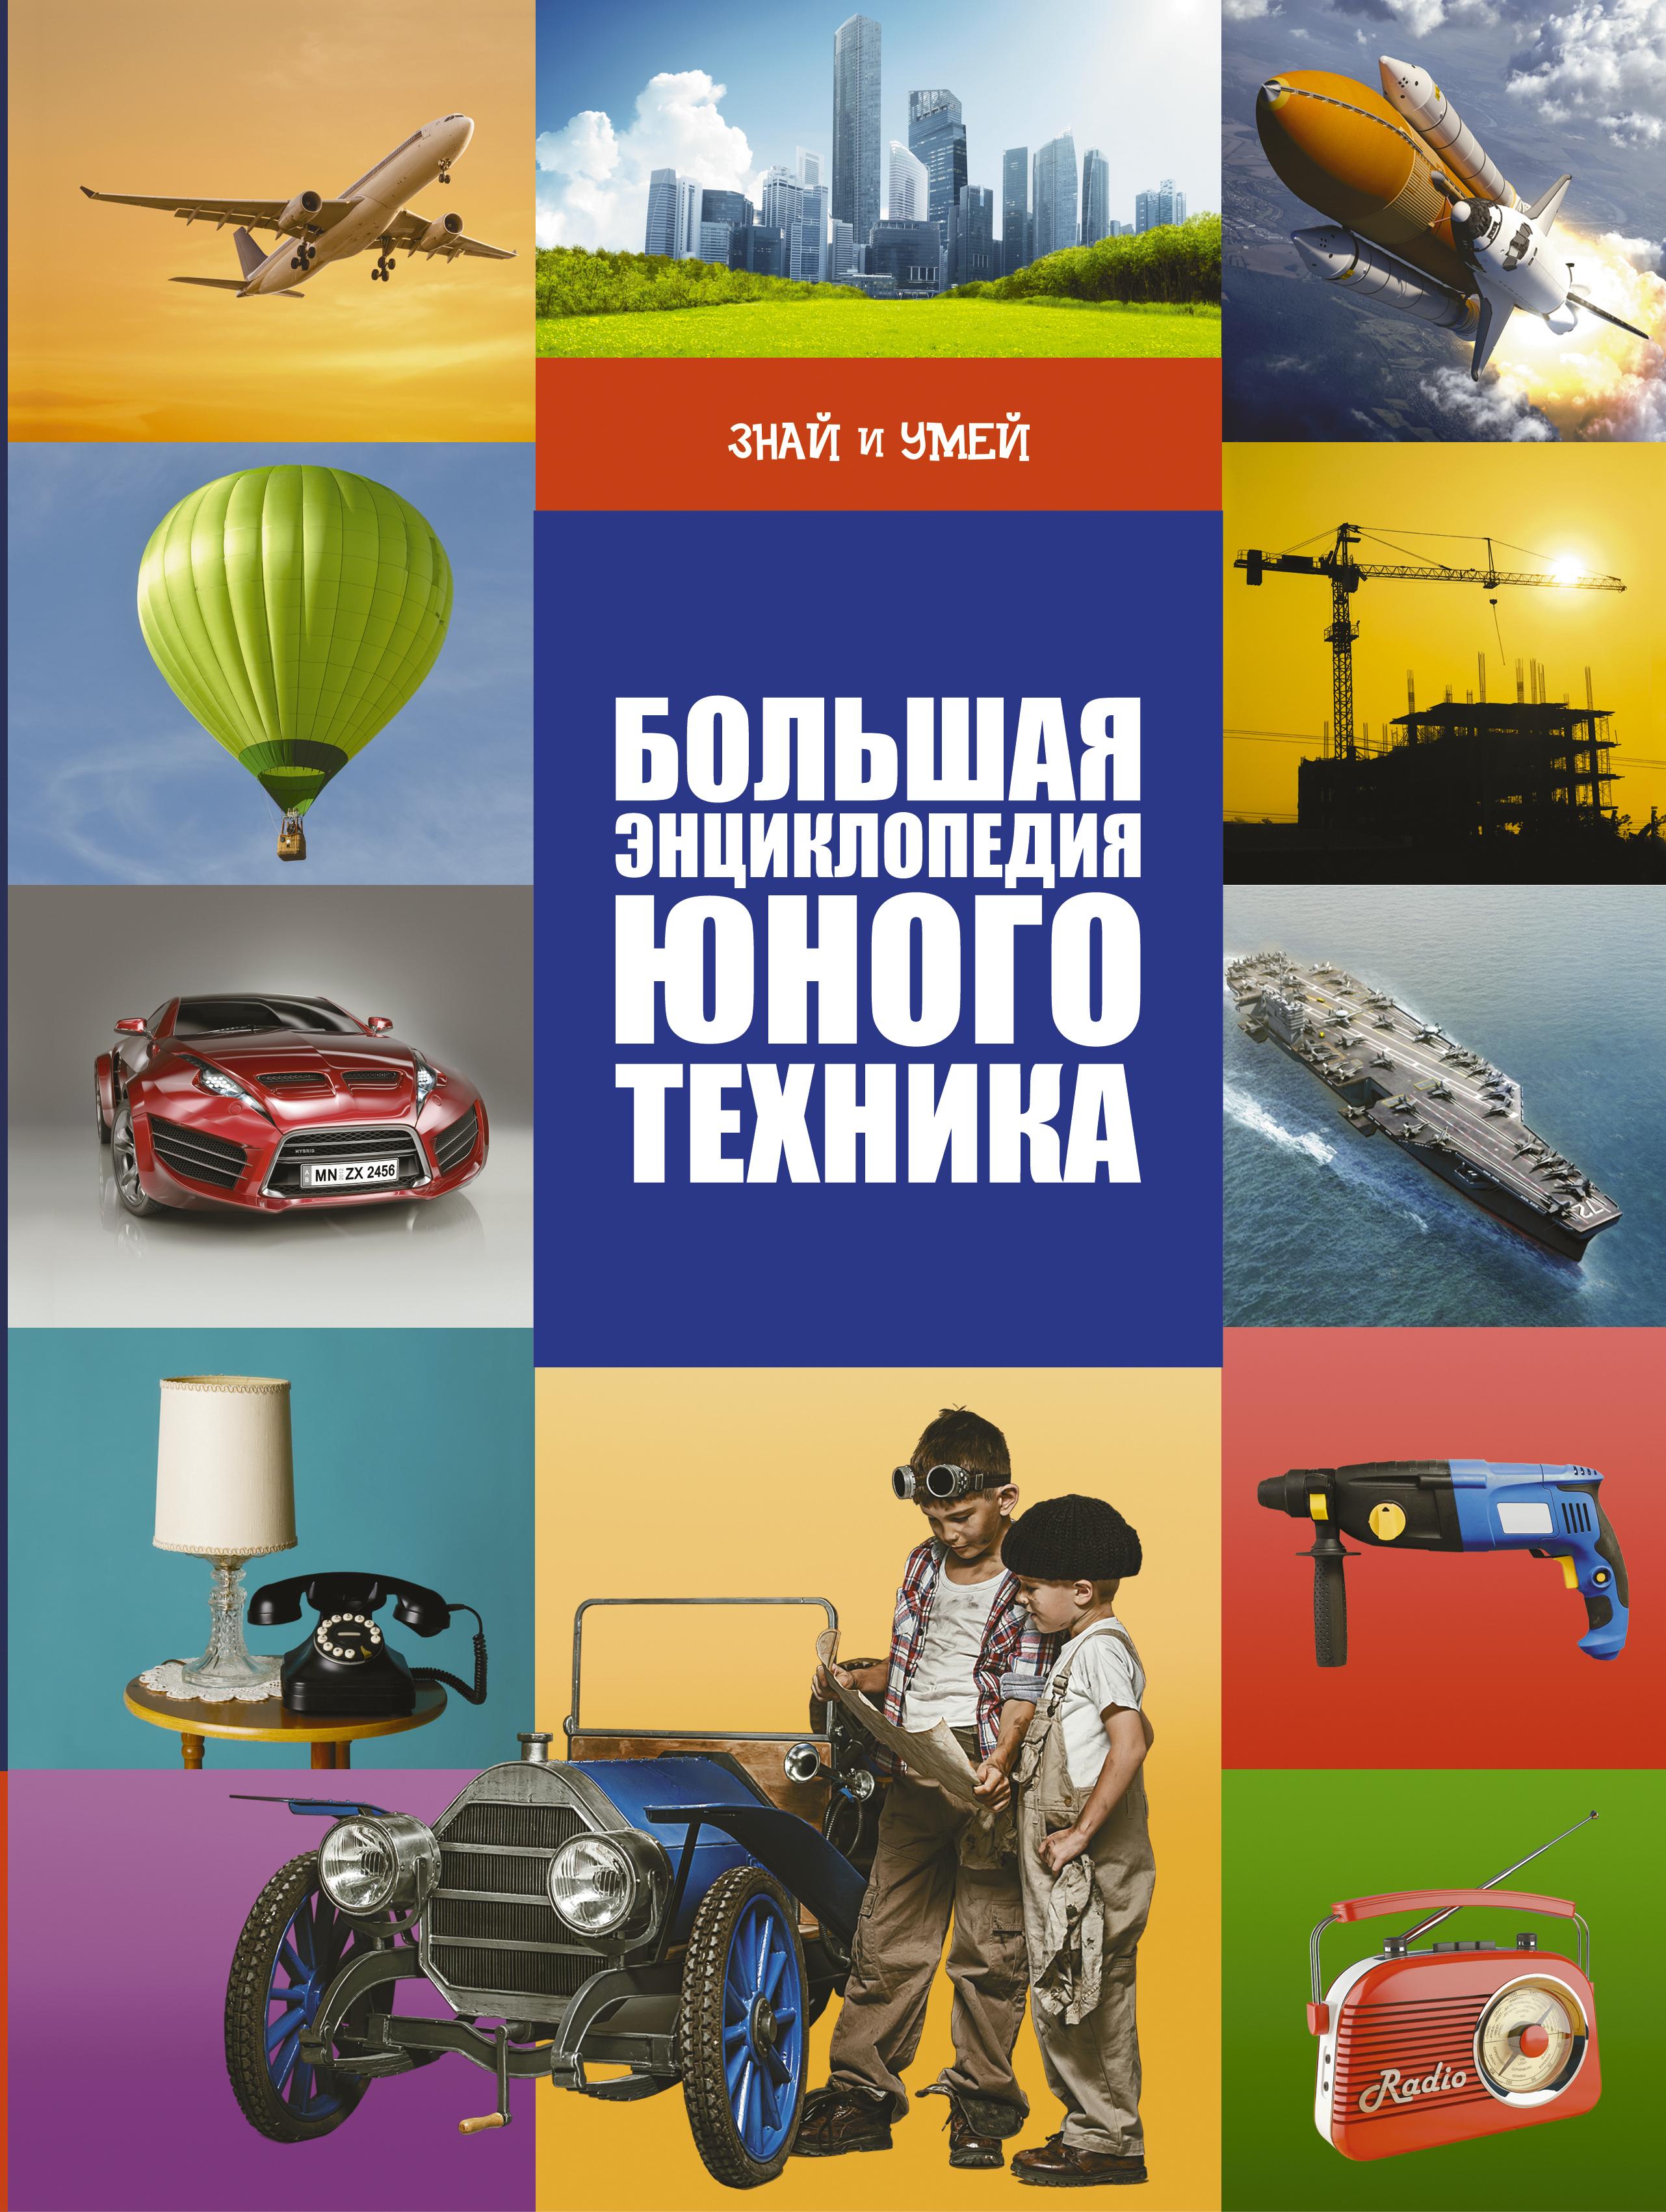 Купить со скидкой Большая энциклопедия юного техника